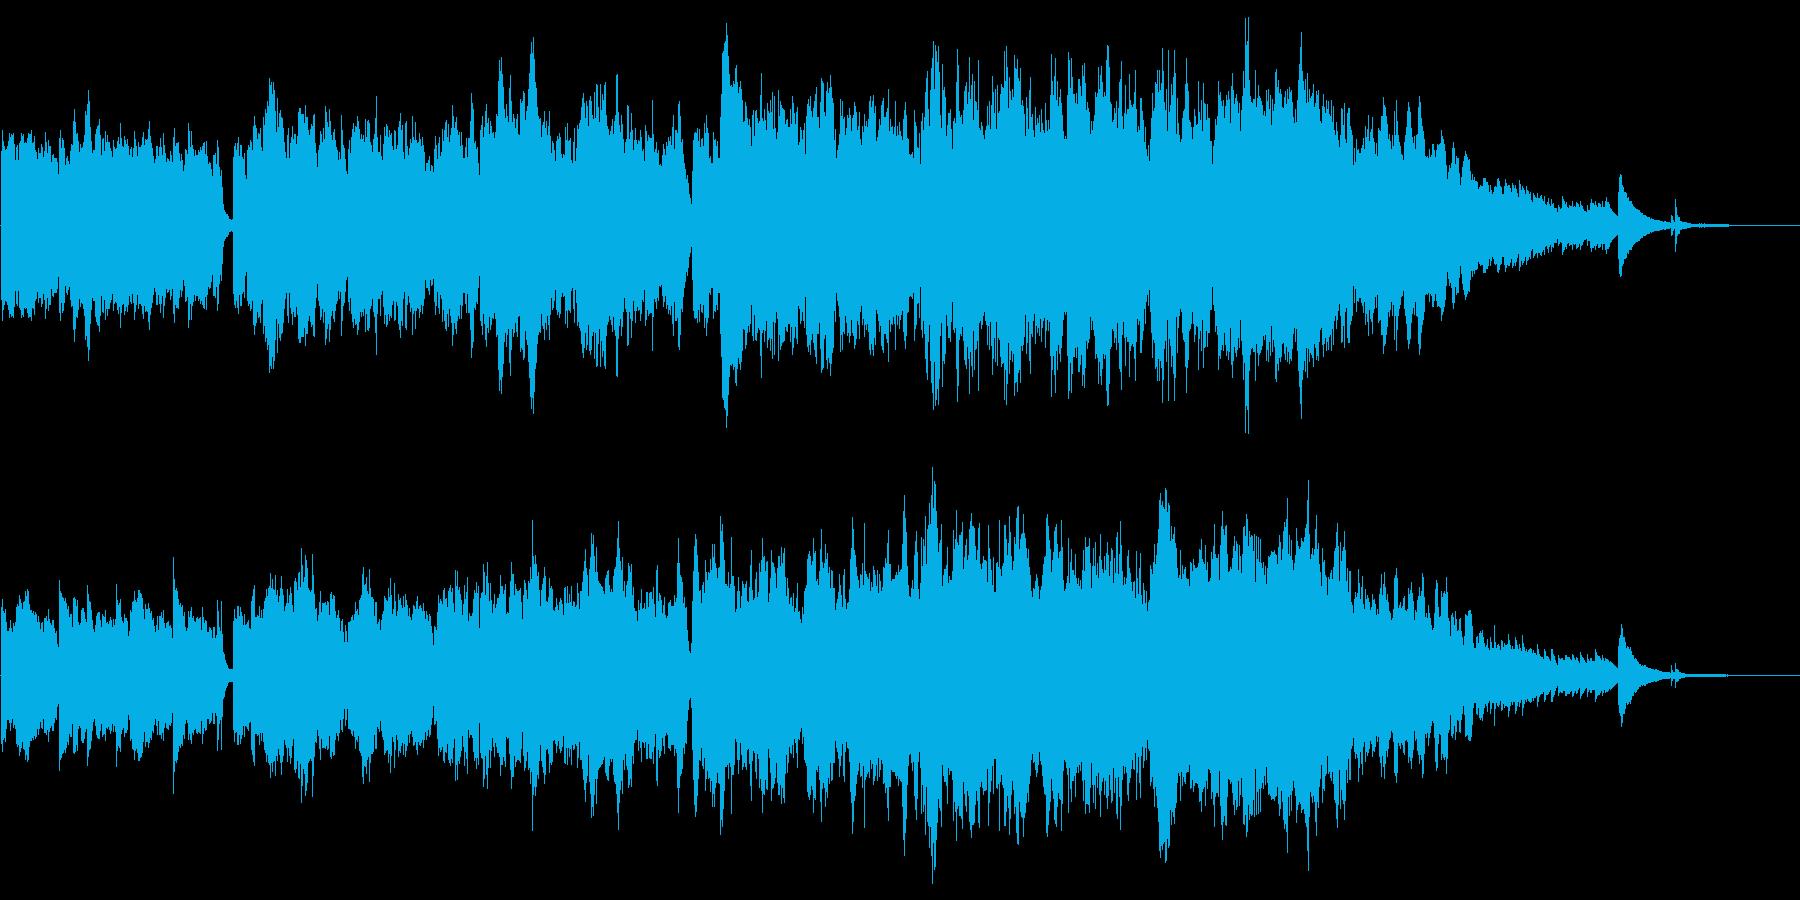 ストリングスメインの希望を感じるBGMの再生済みの波形